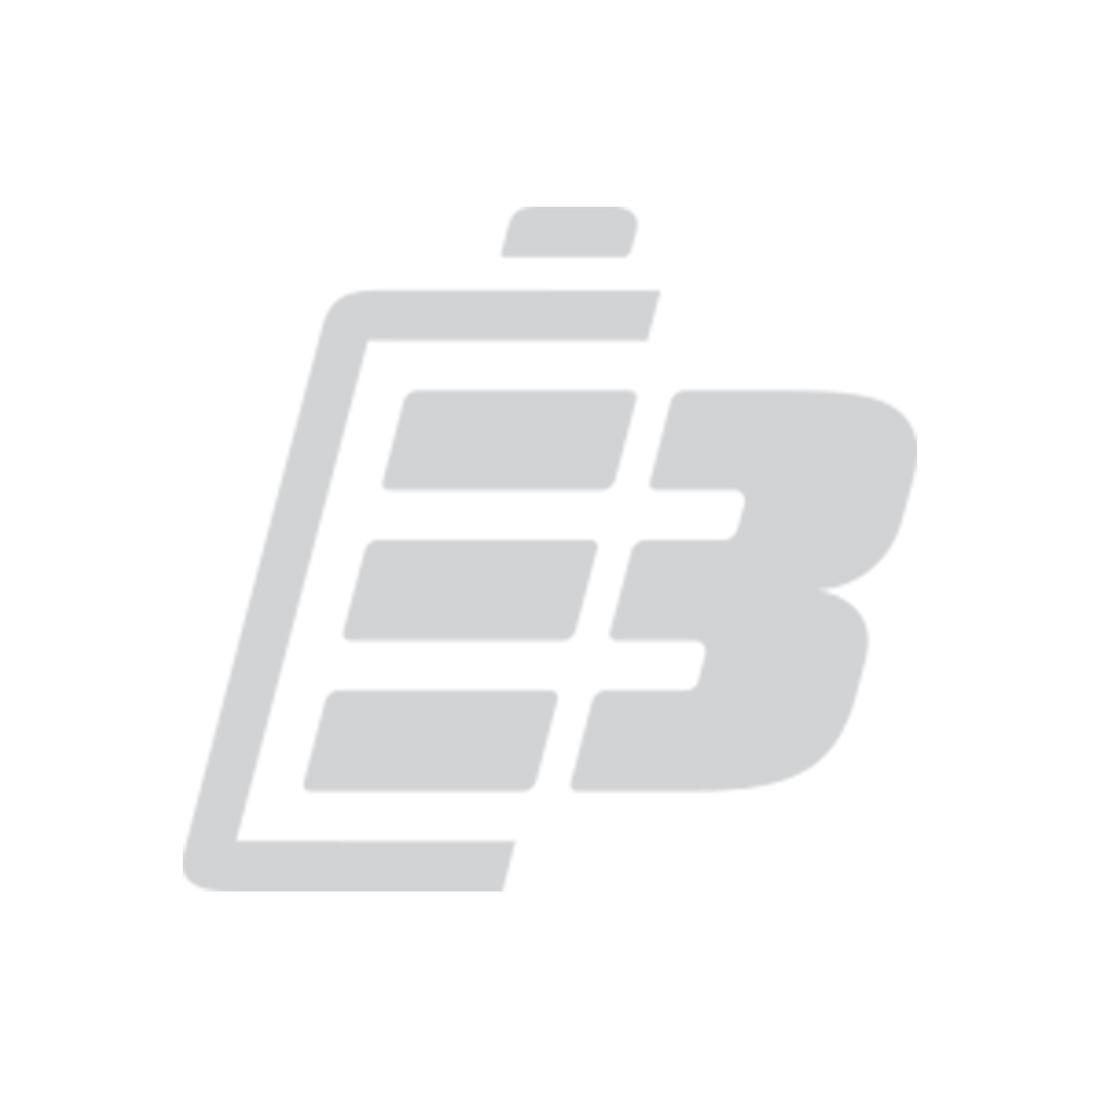 Μπαταρία φωτογραφικής μηχανής Fujifilm NP-95_1